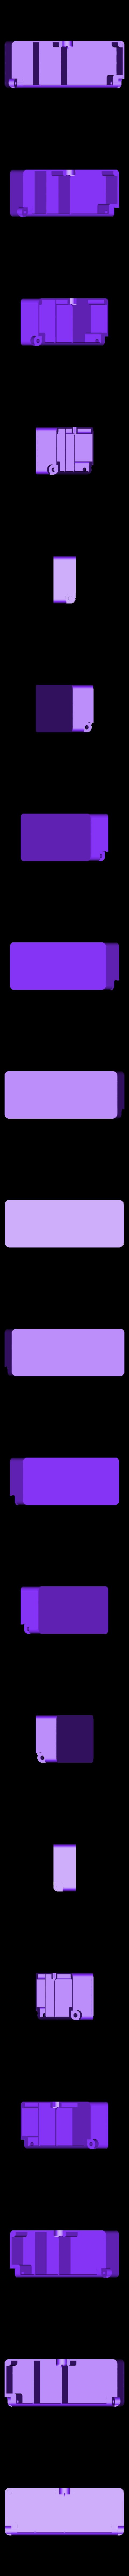 box-4.STL Télécharger fichier STL gratuit Boîte avec charnières cachées et verrouillage à clic • Objet à imprimer en 3D, 3d-dragar